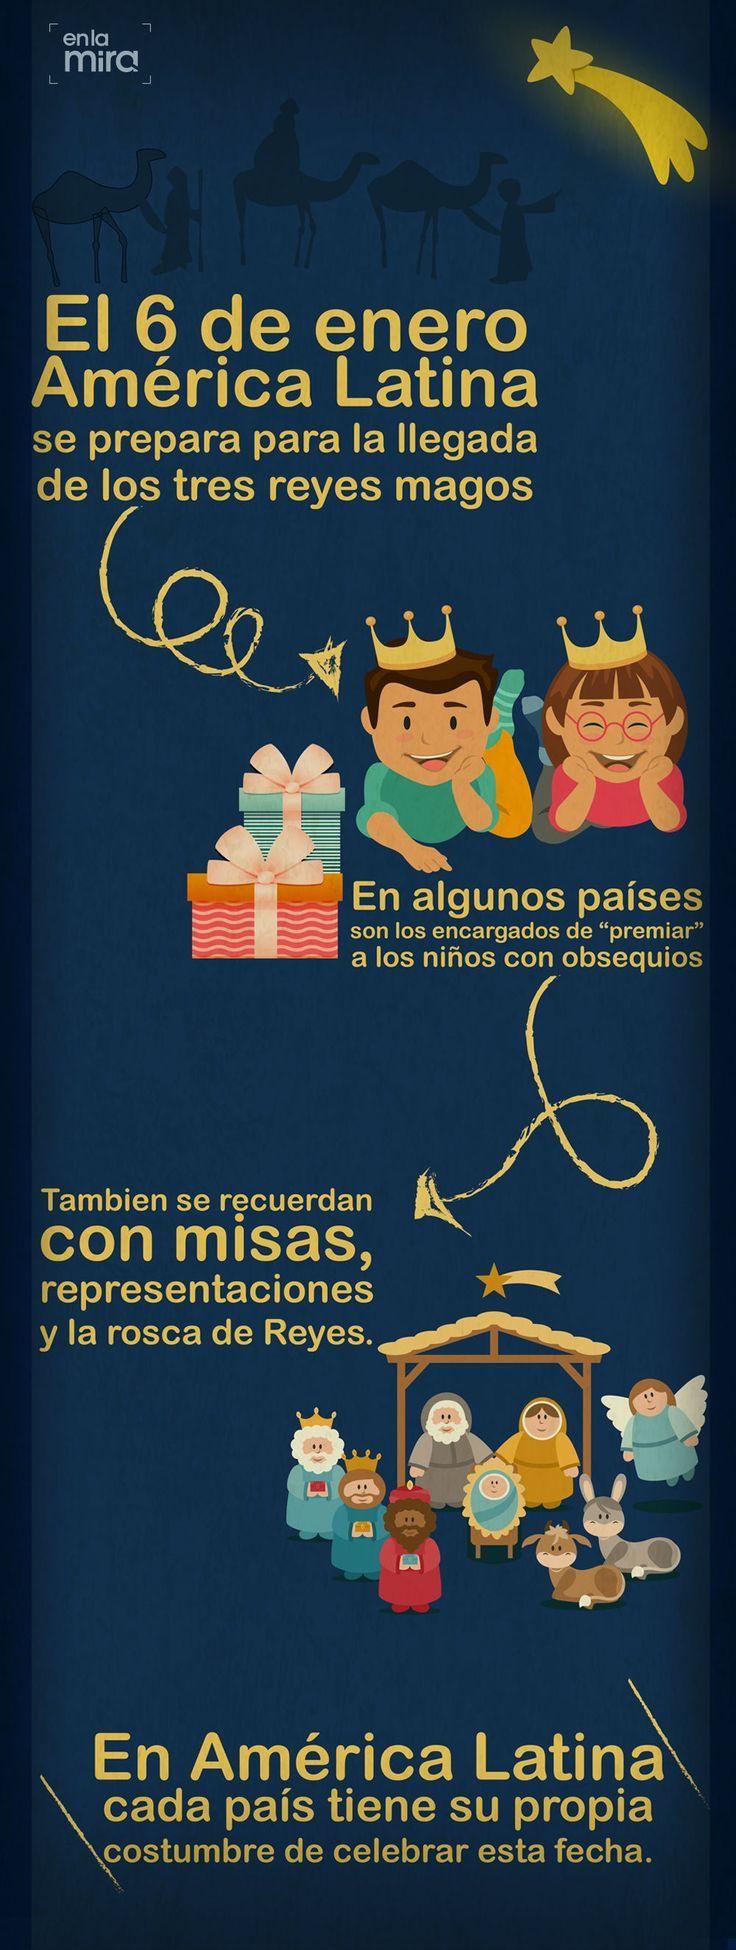 6 de enero Día de los Reyes